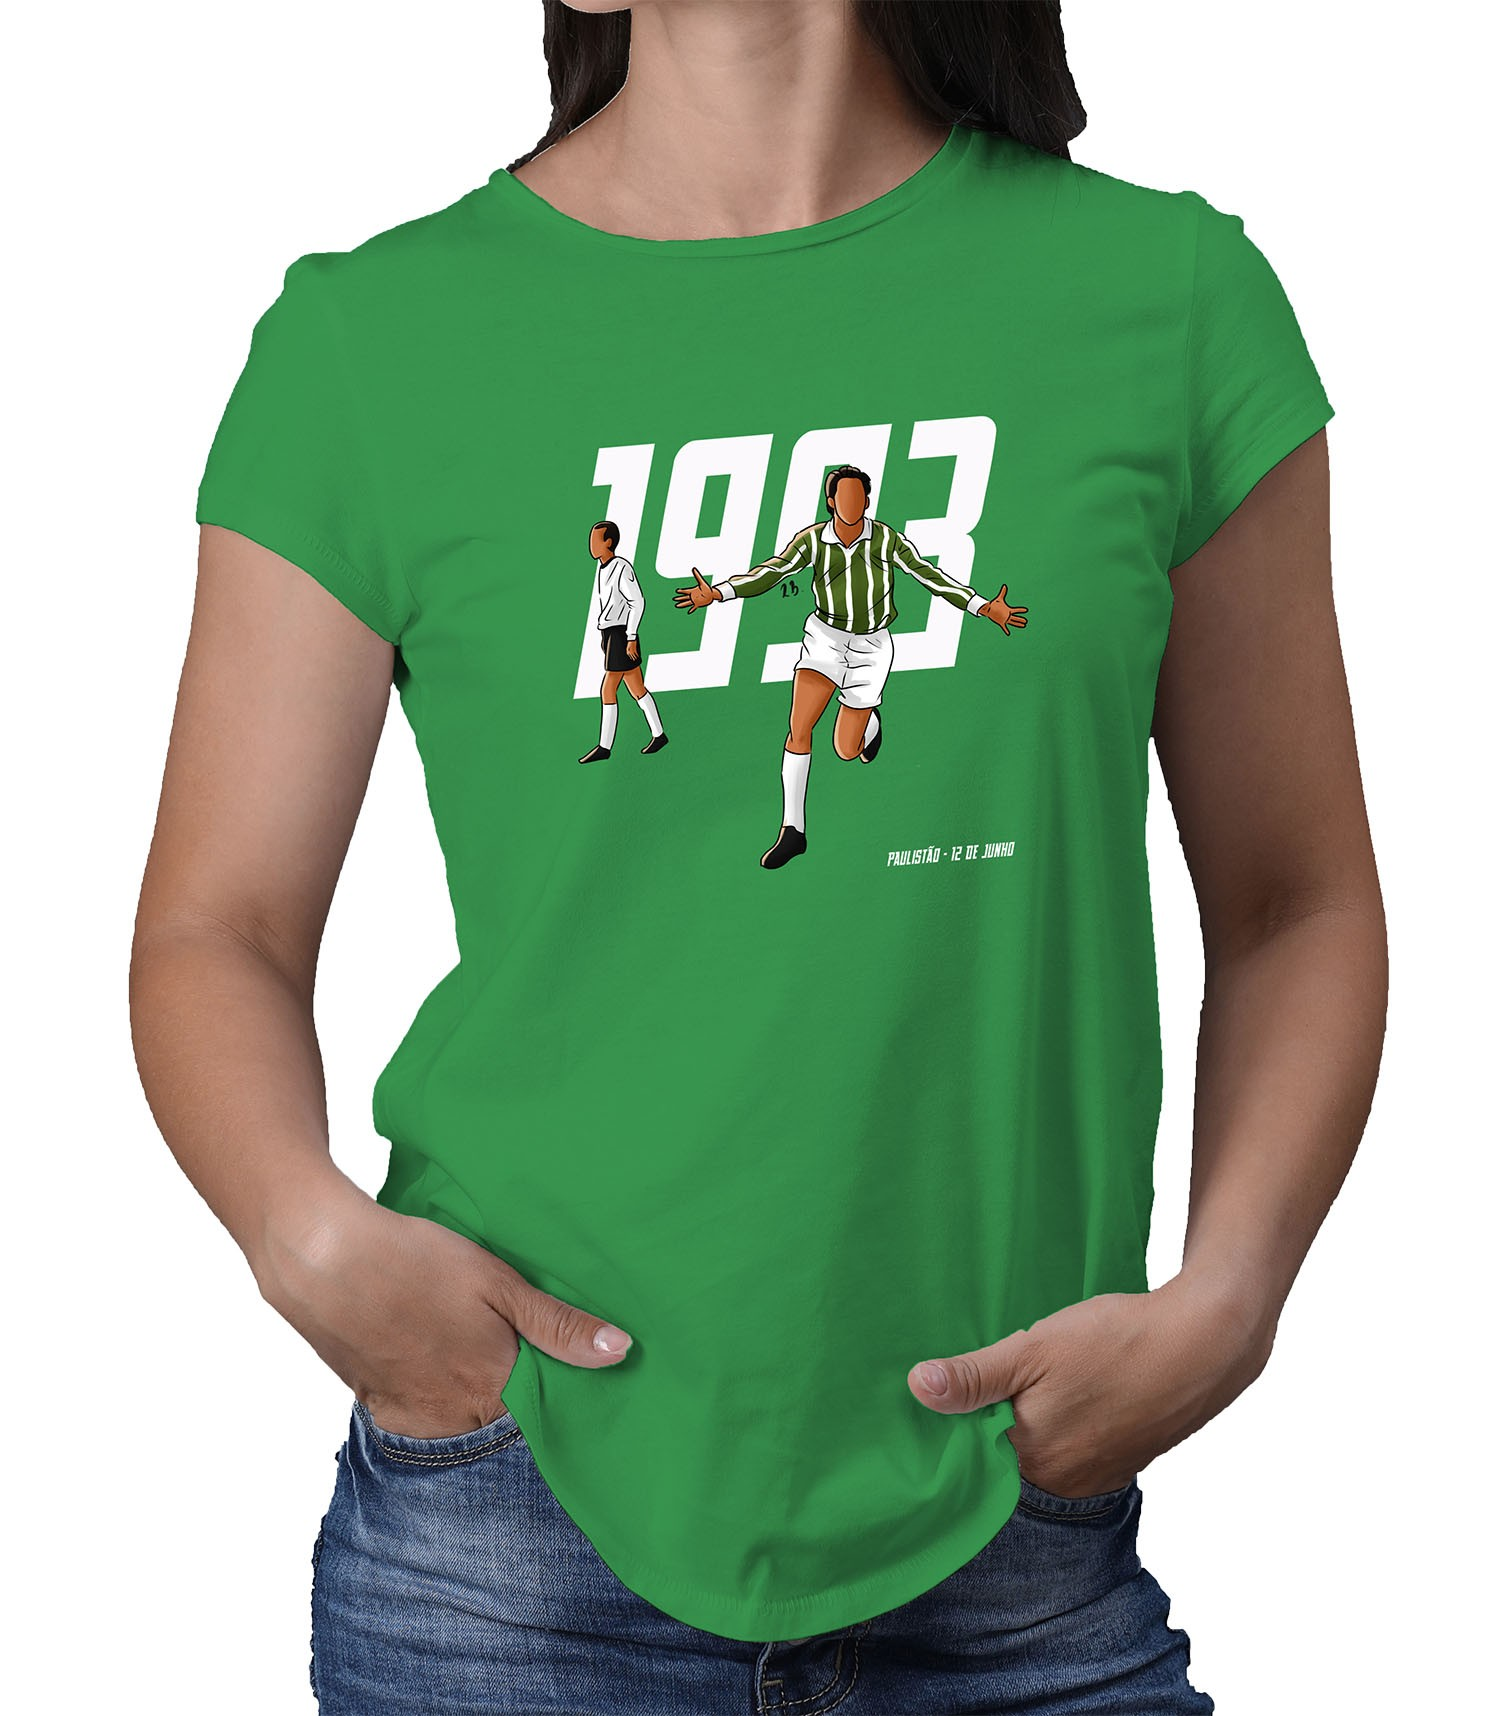 Camiseta Feminina 1993 O Retorno de um Gigante